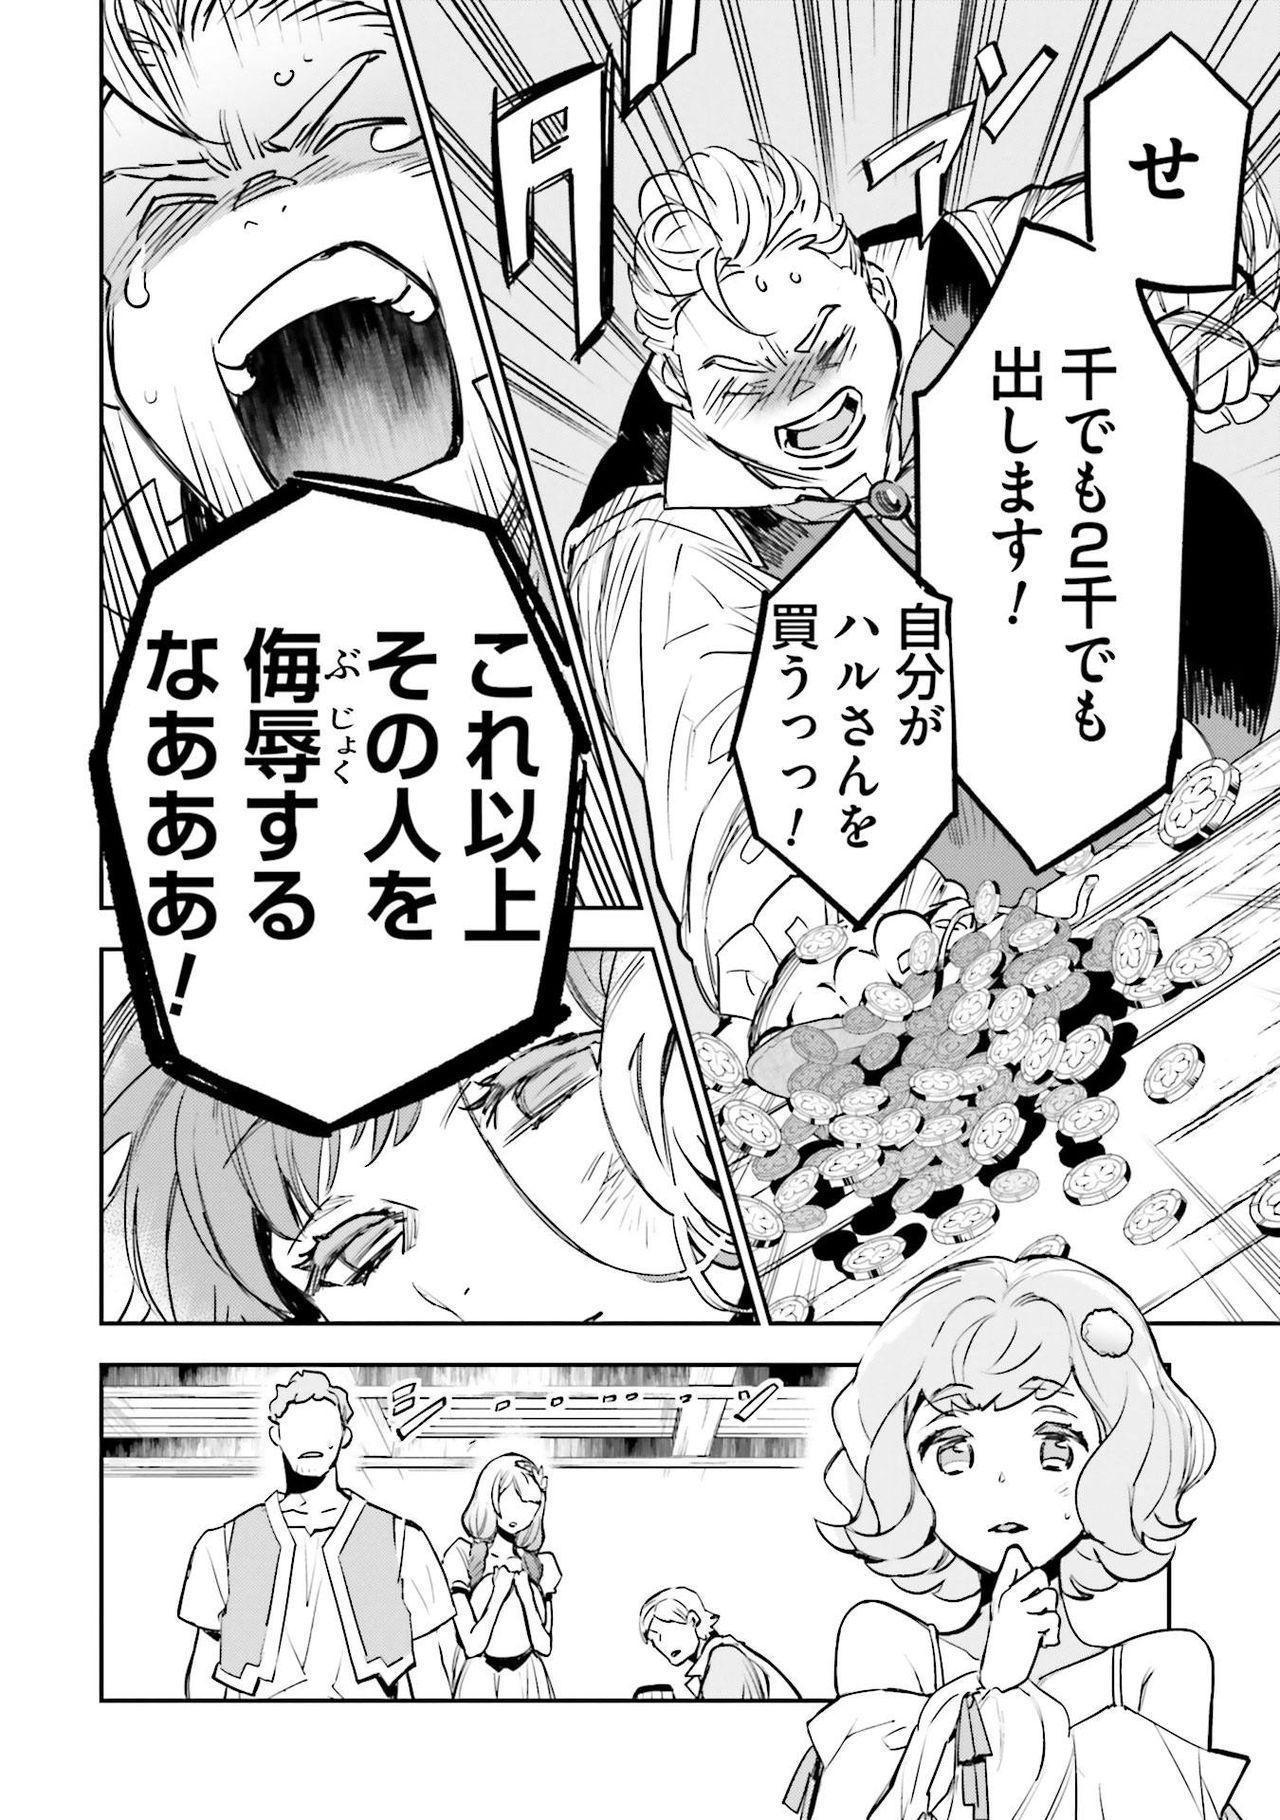 JK Haru wa Isekai de Shoufu ni Natta 1-14 258